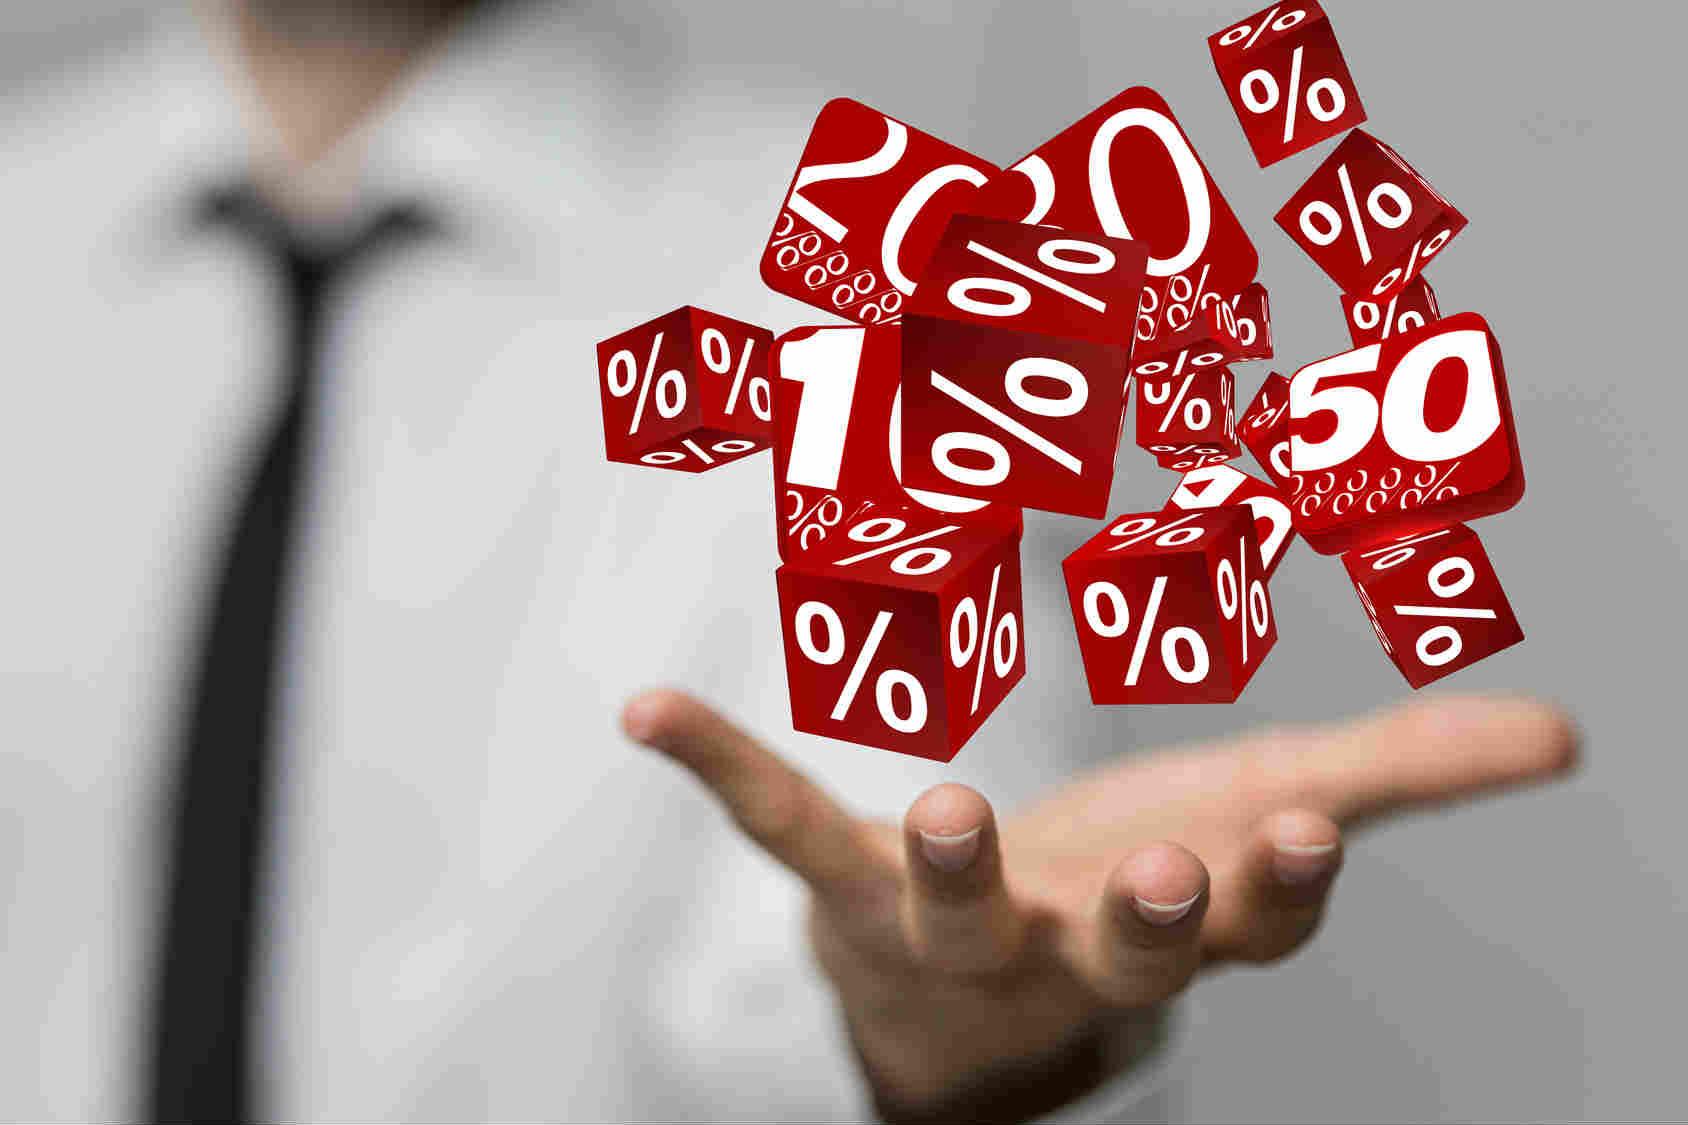 11 - Выиграют все: Центробанк рекомендовал банкам удешевлять кредиты